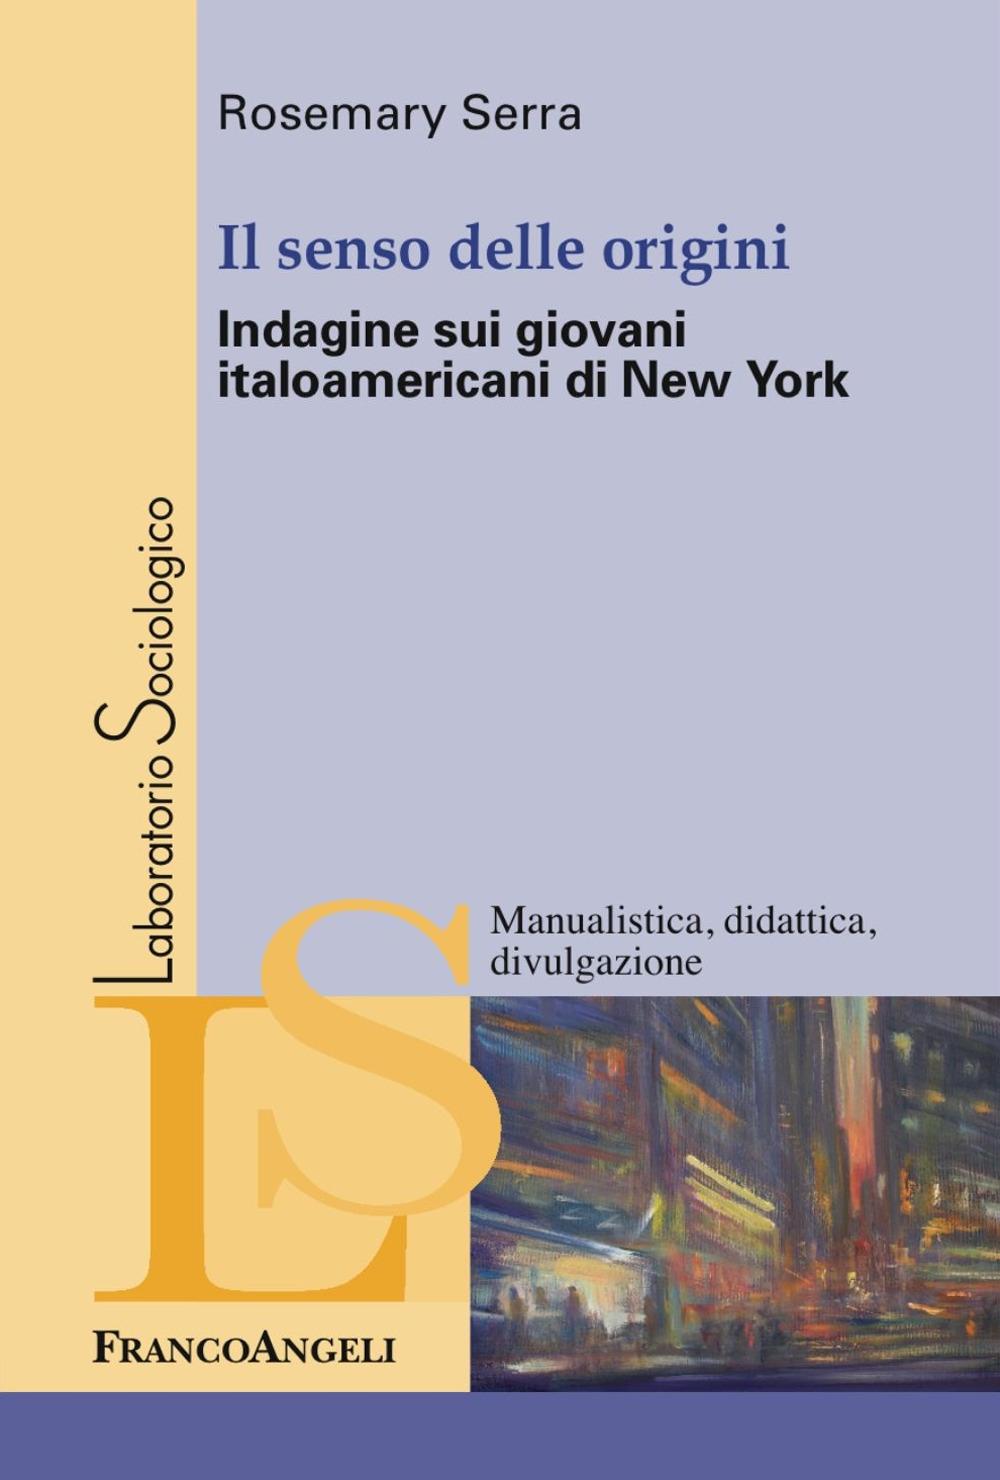 Il senso delle origini. Indagine sui giovani italoamericani di New York